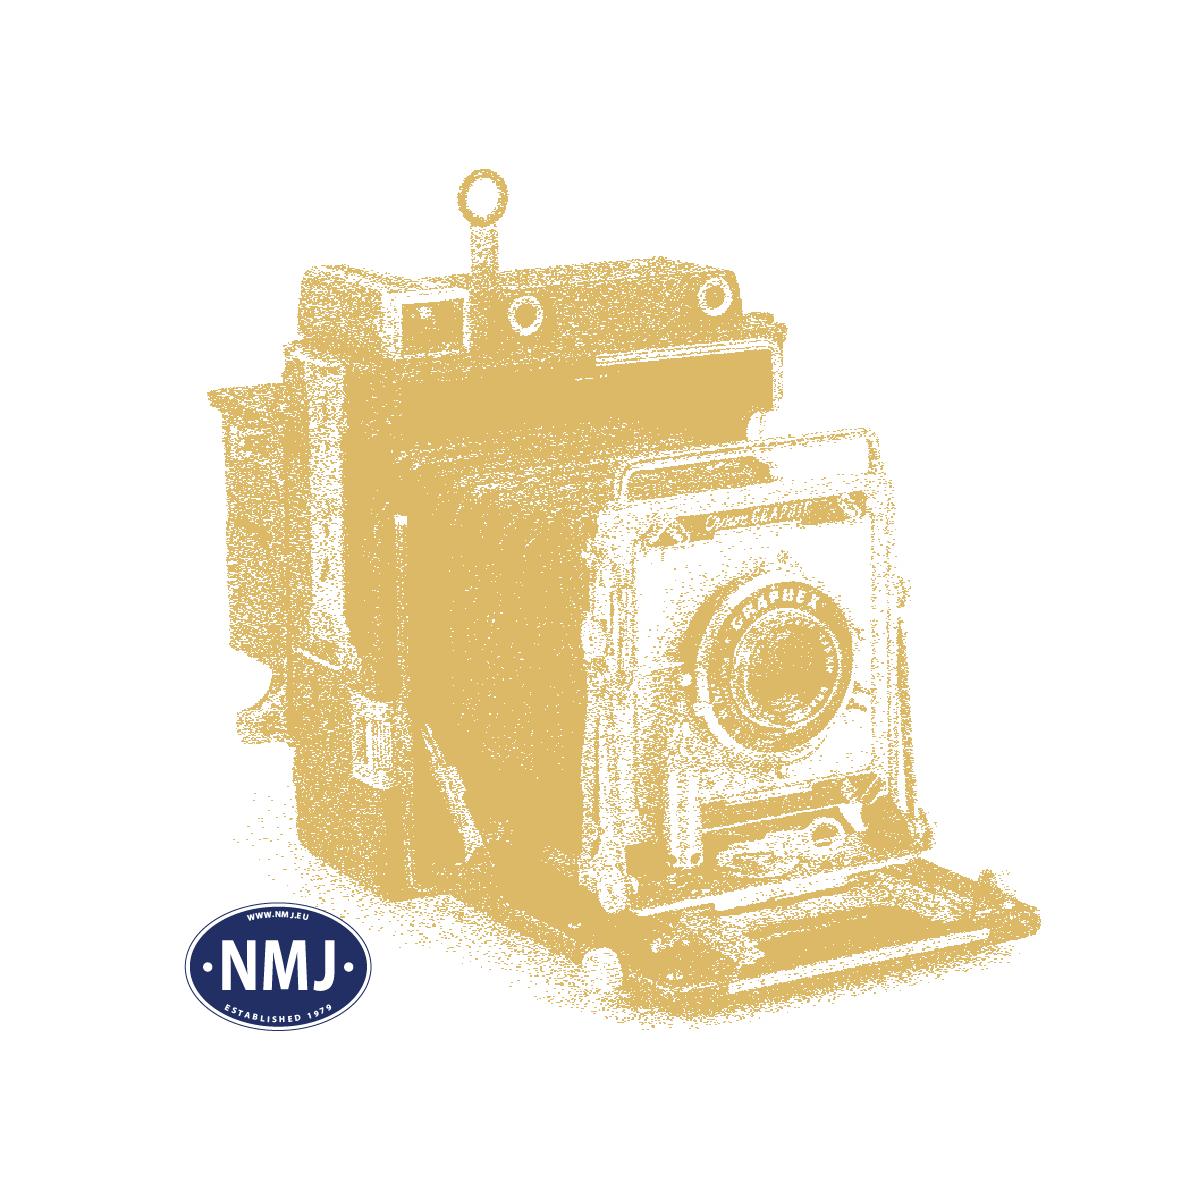 NMJT90406 - NMJ Topline SNCB 5209, DC